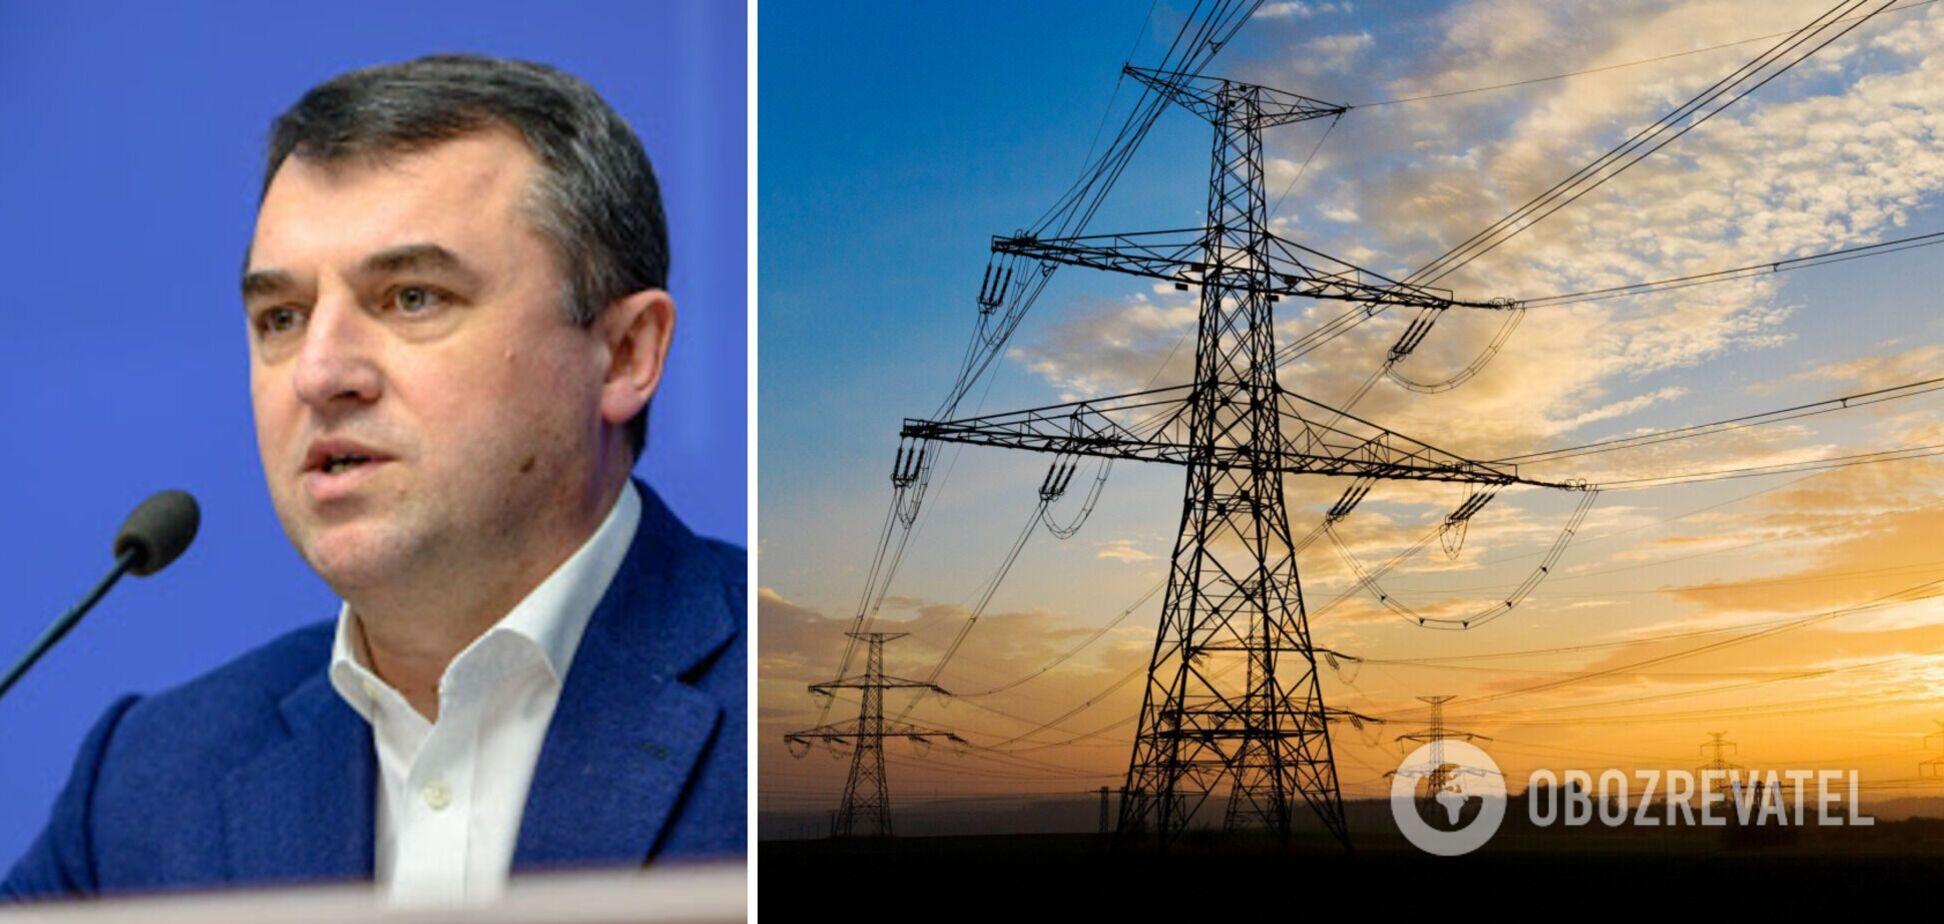 НКРЕКП не захотіла боротися з маніпуляціями трейдерів на ринку електроенергії, – експерт 'Центру Разумкова'